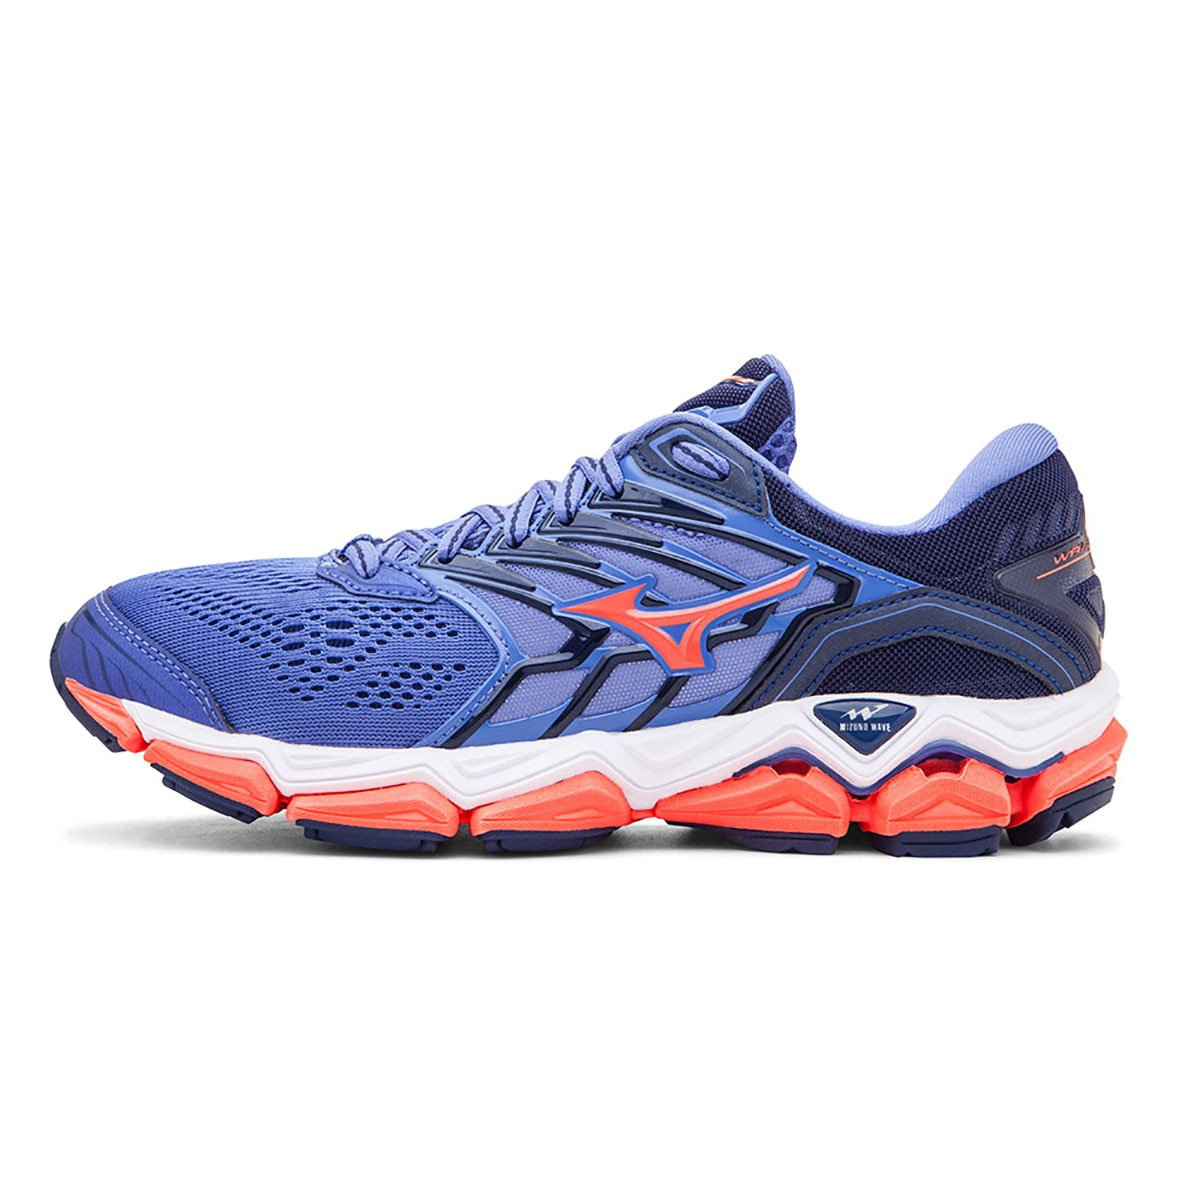 Tênis Mizuno Wave Horizon 2 Feminino - Azul e Rosa - Compre Agora ... 33a03c386630a